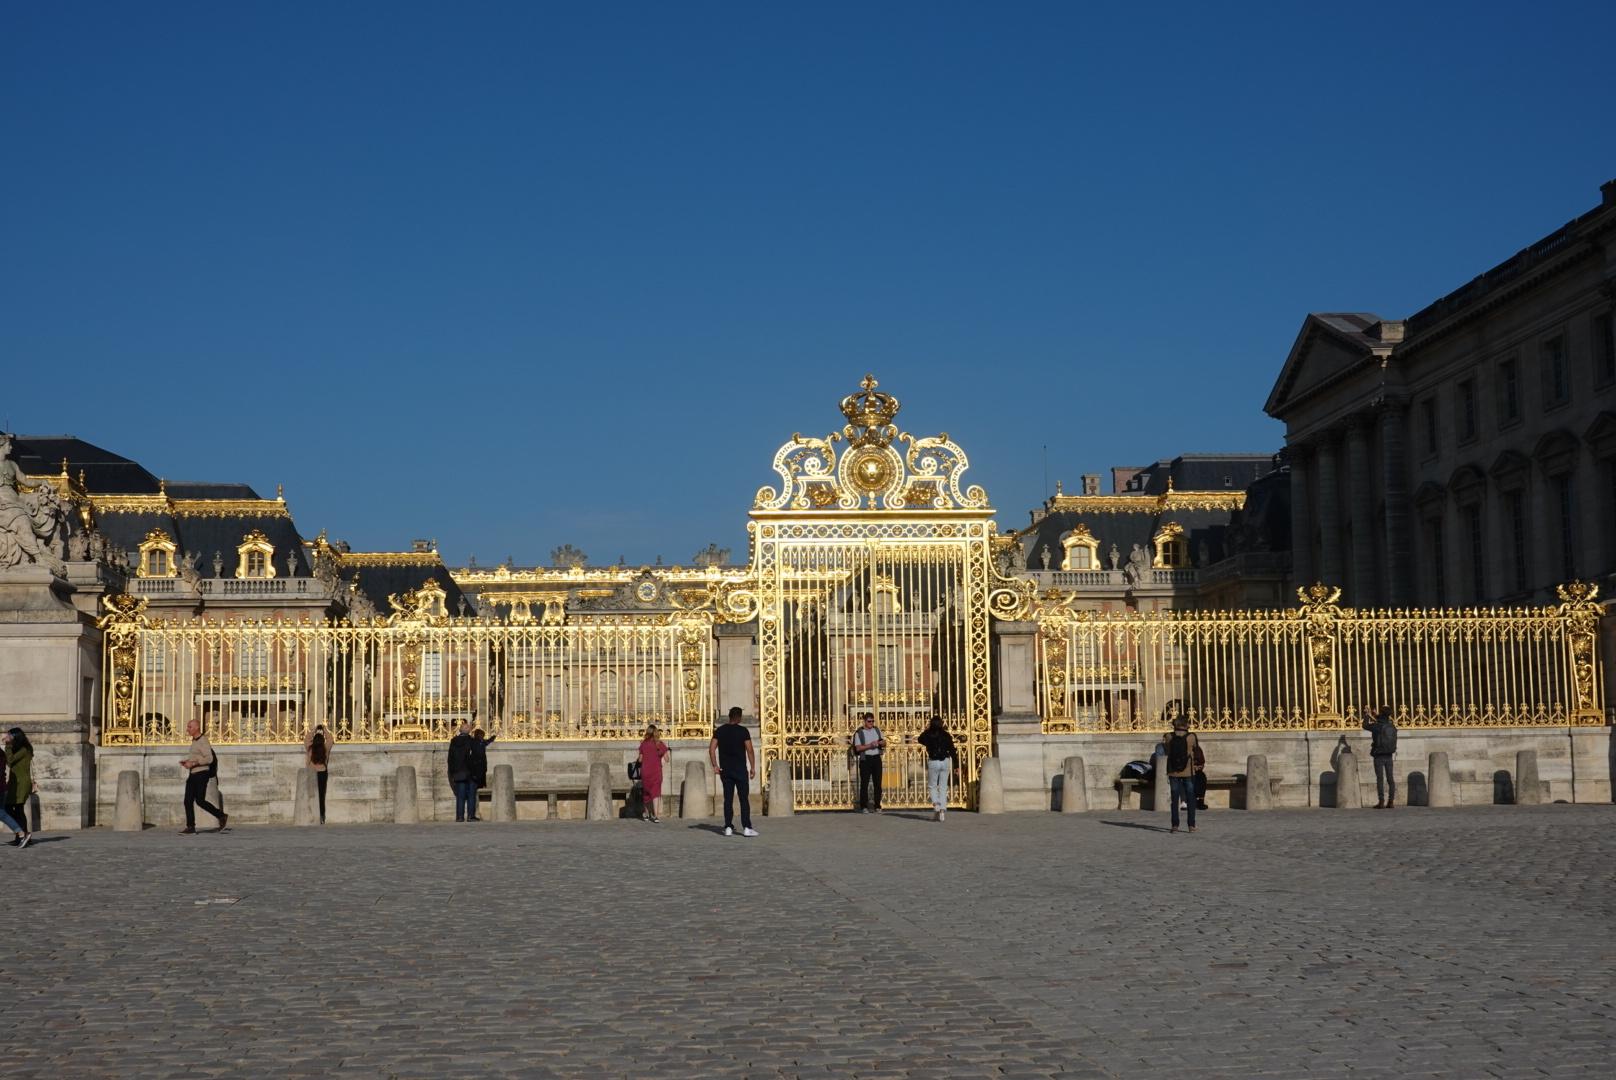 ベルサイユ宮殿の素晴らしさもいいですがこのツアーのガイドの女性が素晴らしかった それだけでもテンションが上がります